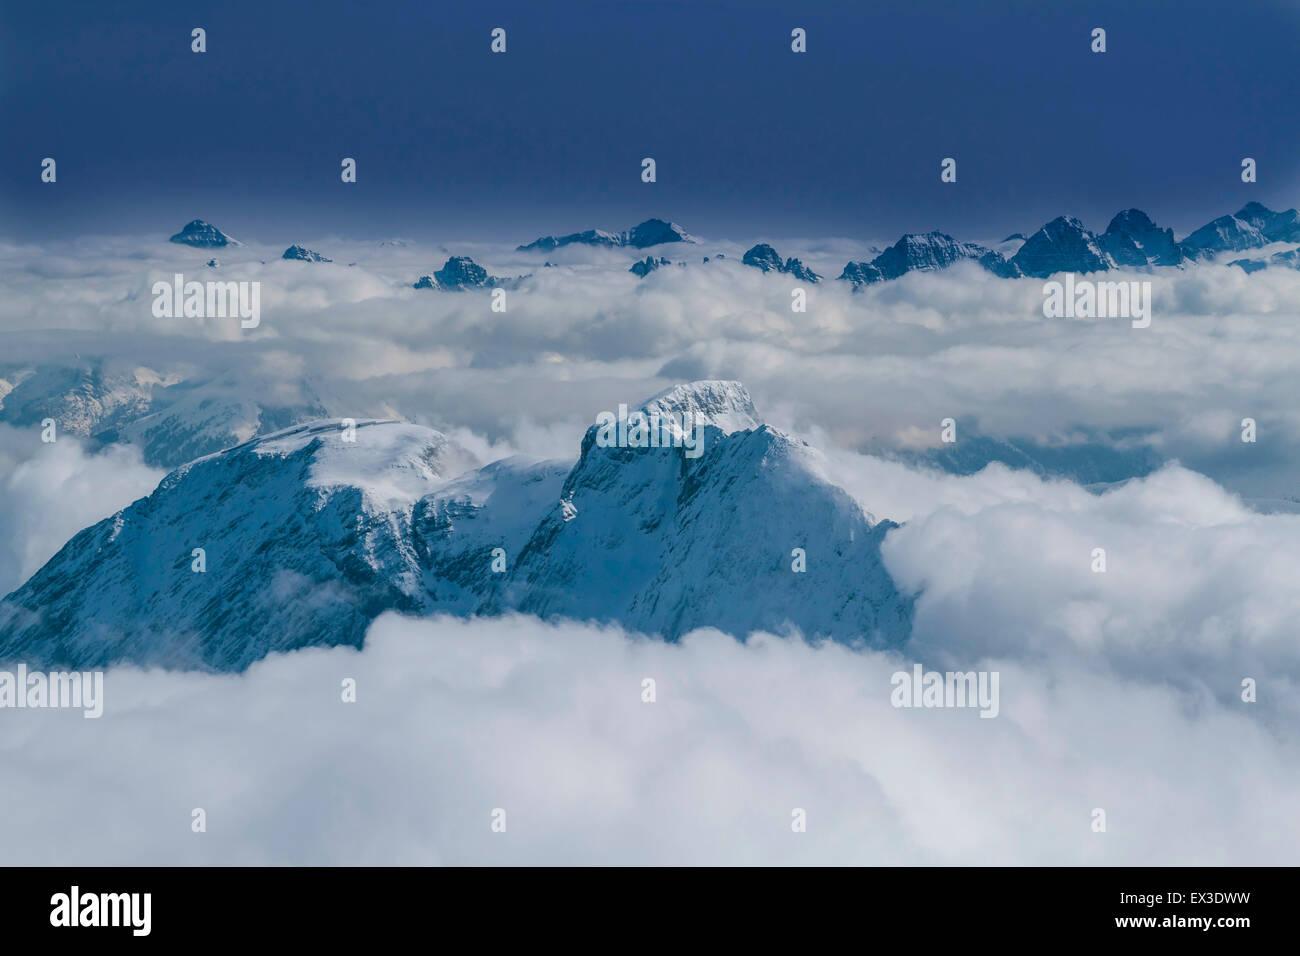 Vista delle cime innevate appartenenti al massiccio dello Zugspitze, Wetterstein, Baviera, Germania Immagini Stock